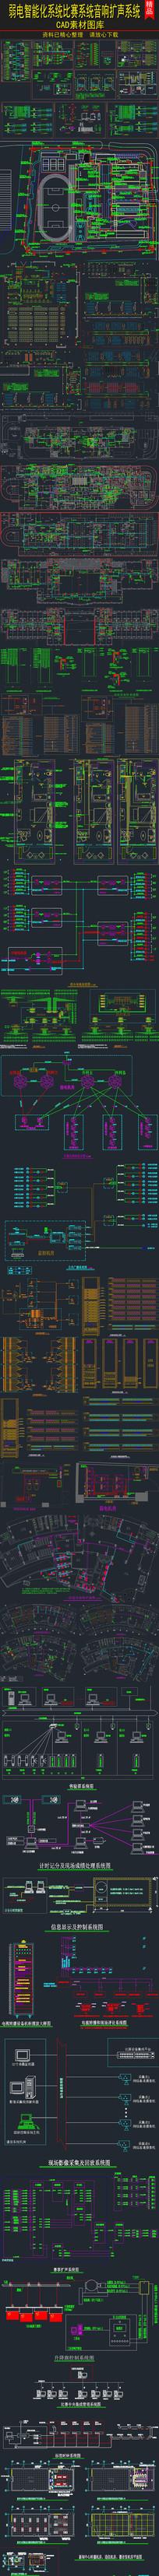 弱电智能化系统设计CAD素材